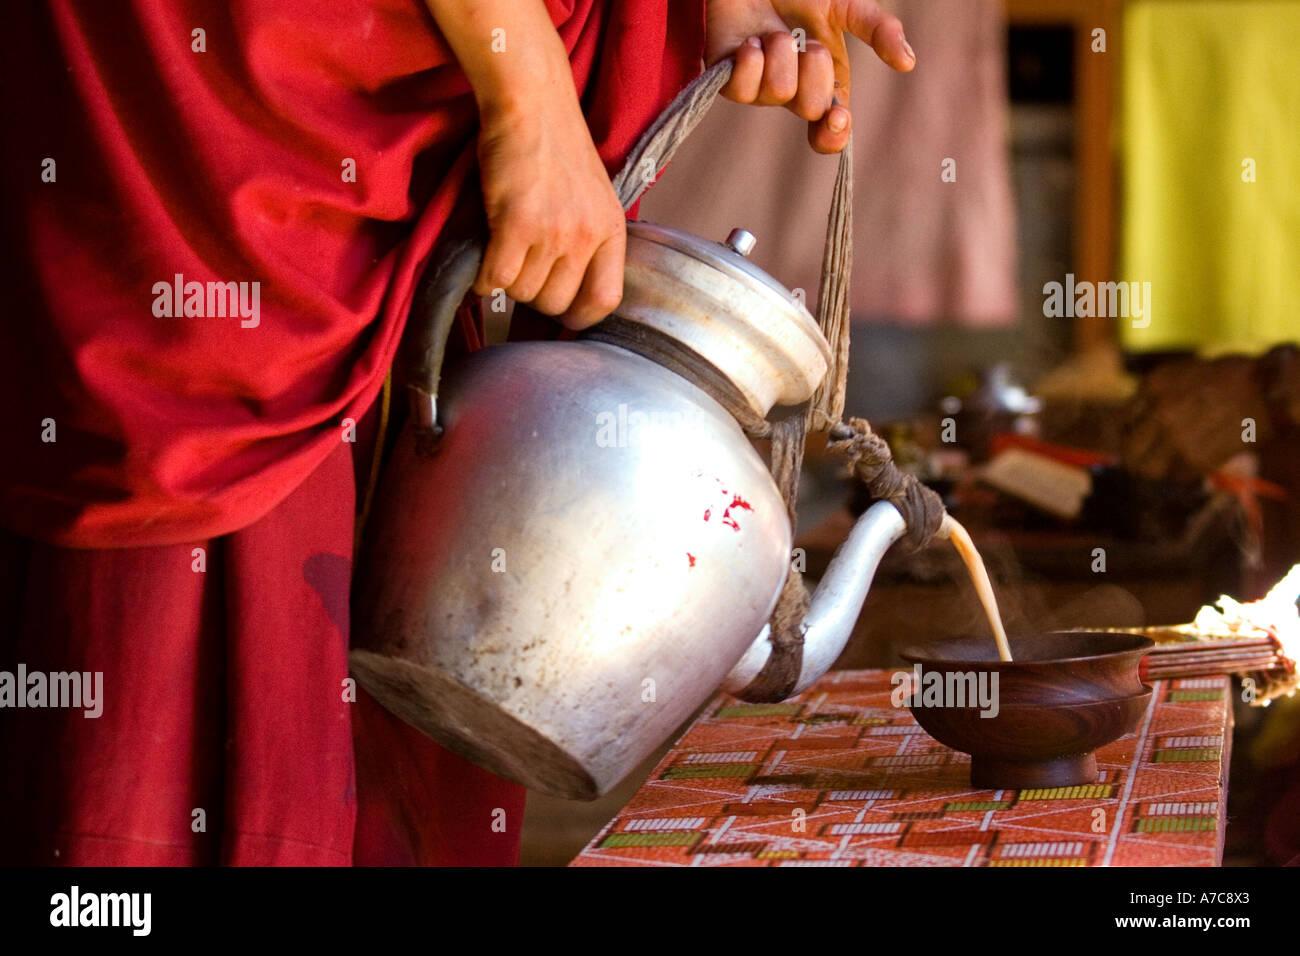 Giovane Monaco puring tè durante la cerimonia - Ladakh - Himalaya indiano Immagini Stock